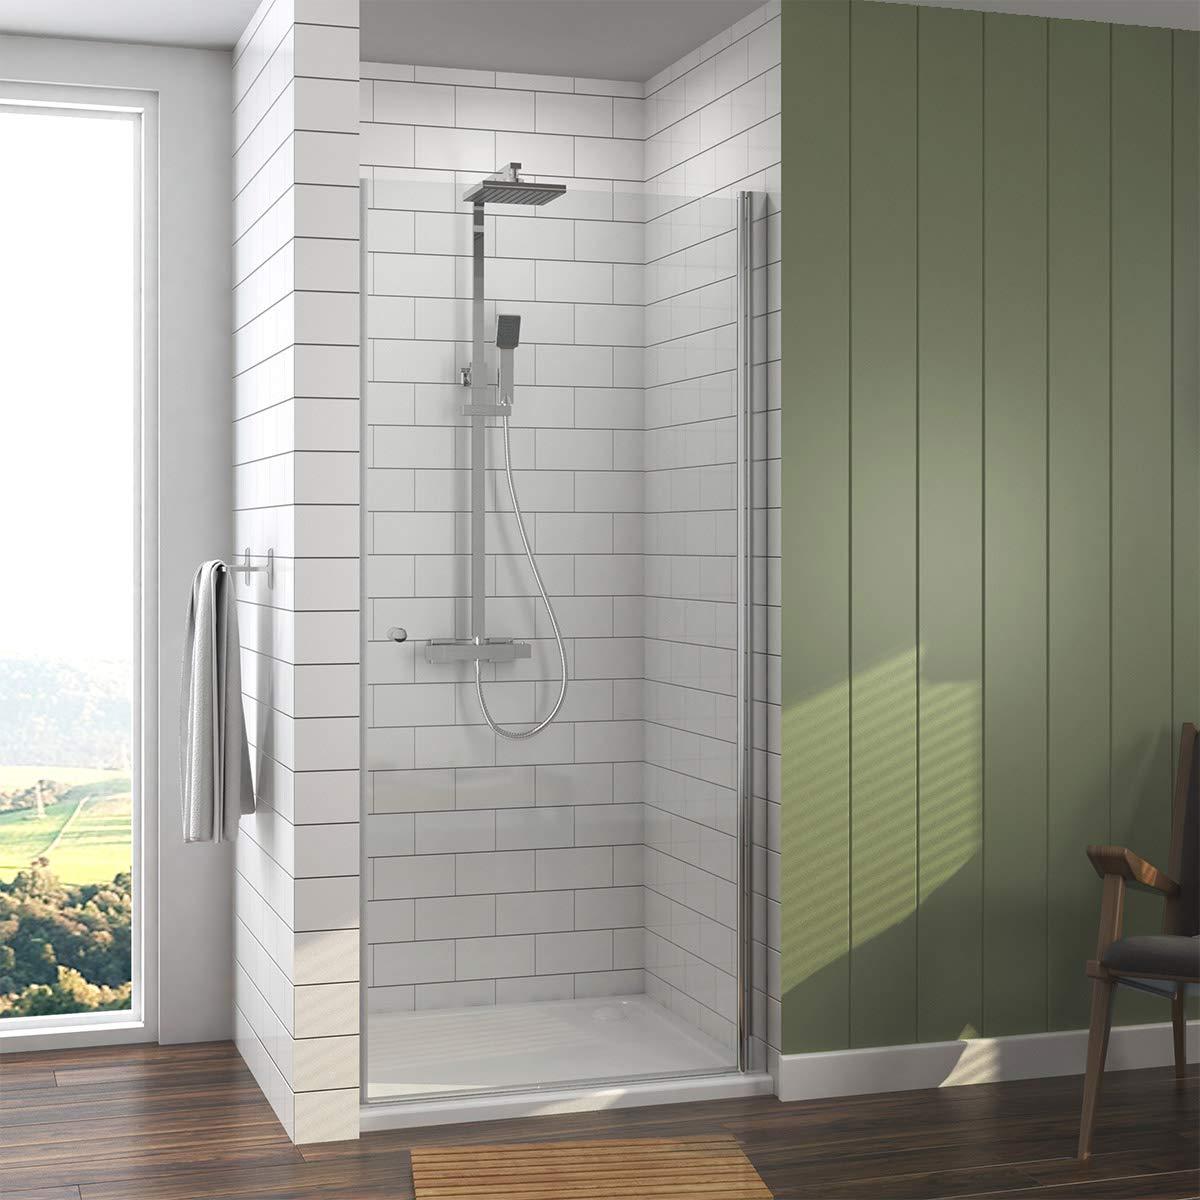 90 x 185 cm Duschtü r Duschkabine Pendeltü r Duschabtrennung mit NANO Beschichtung EMKE